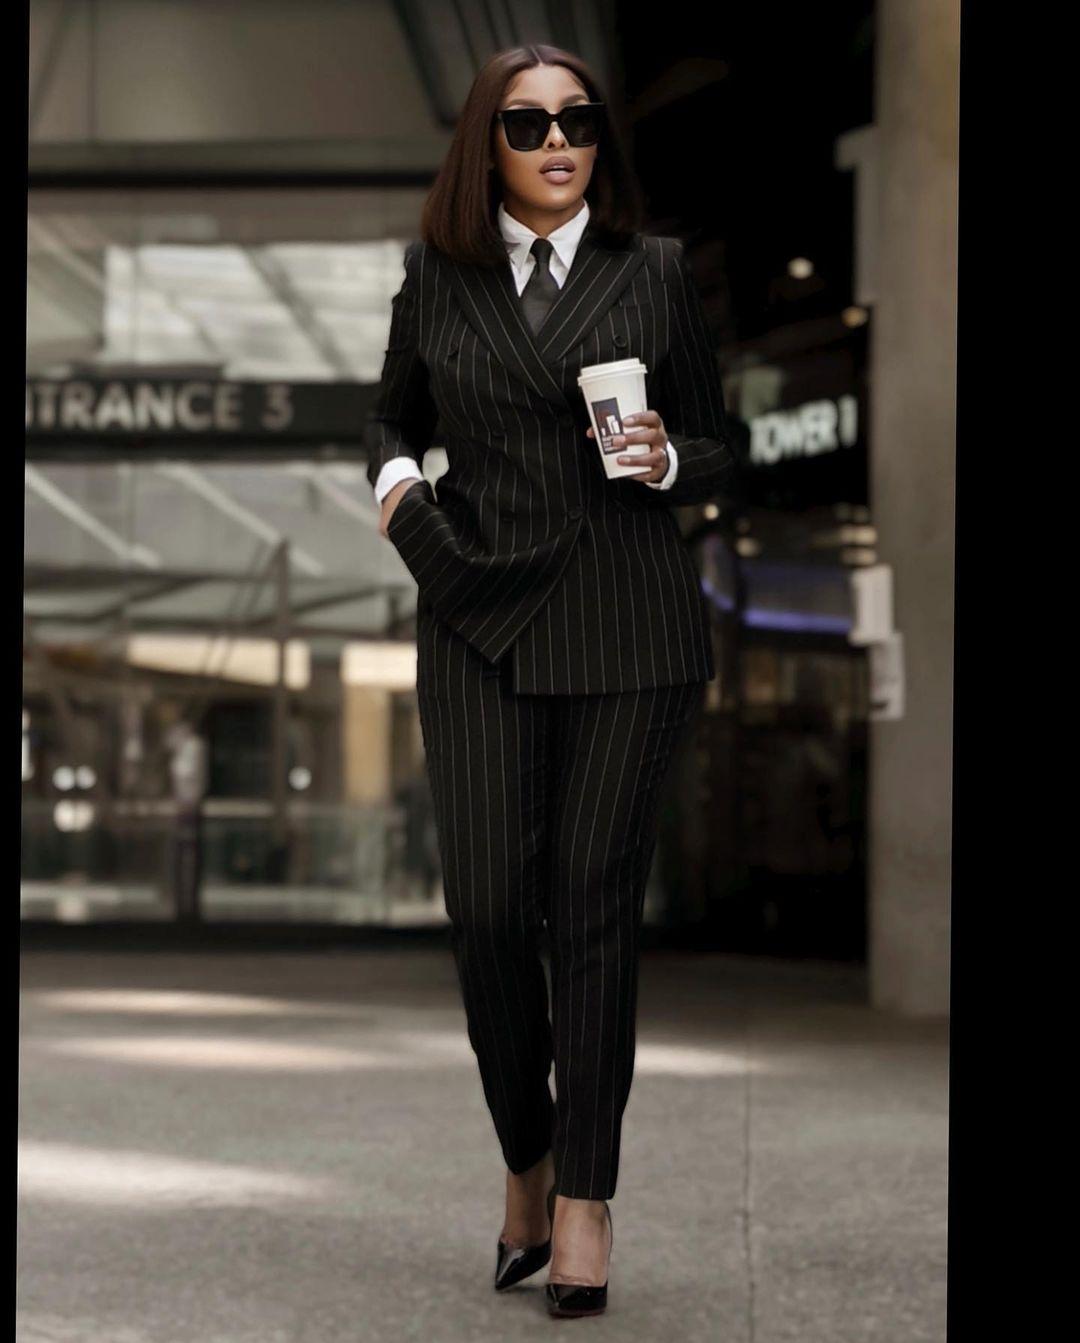 plush-and-poise-elevated-last-weeks-black-fashionistas-best-looks